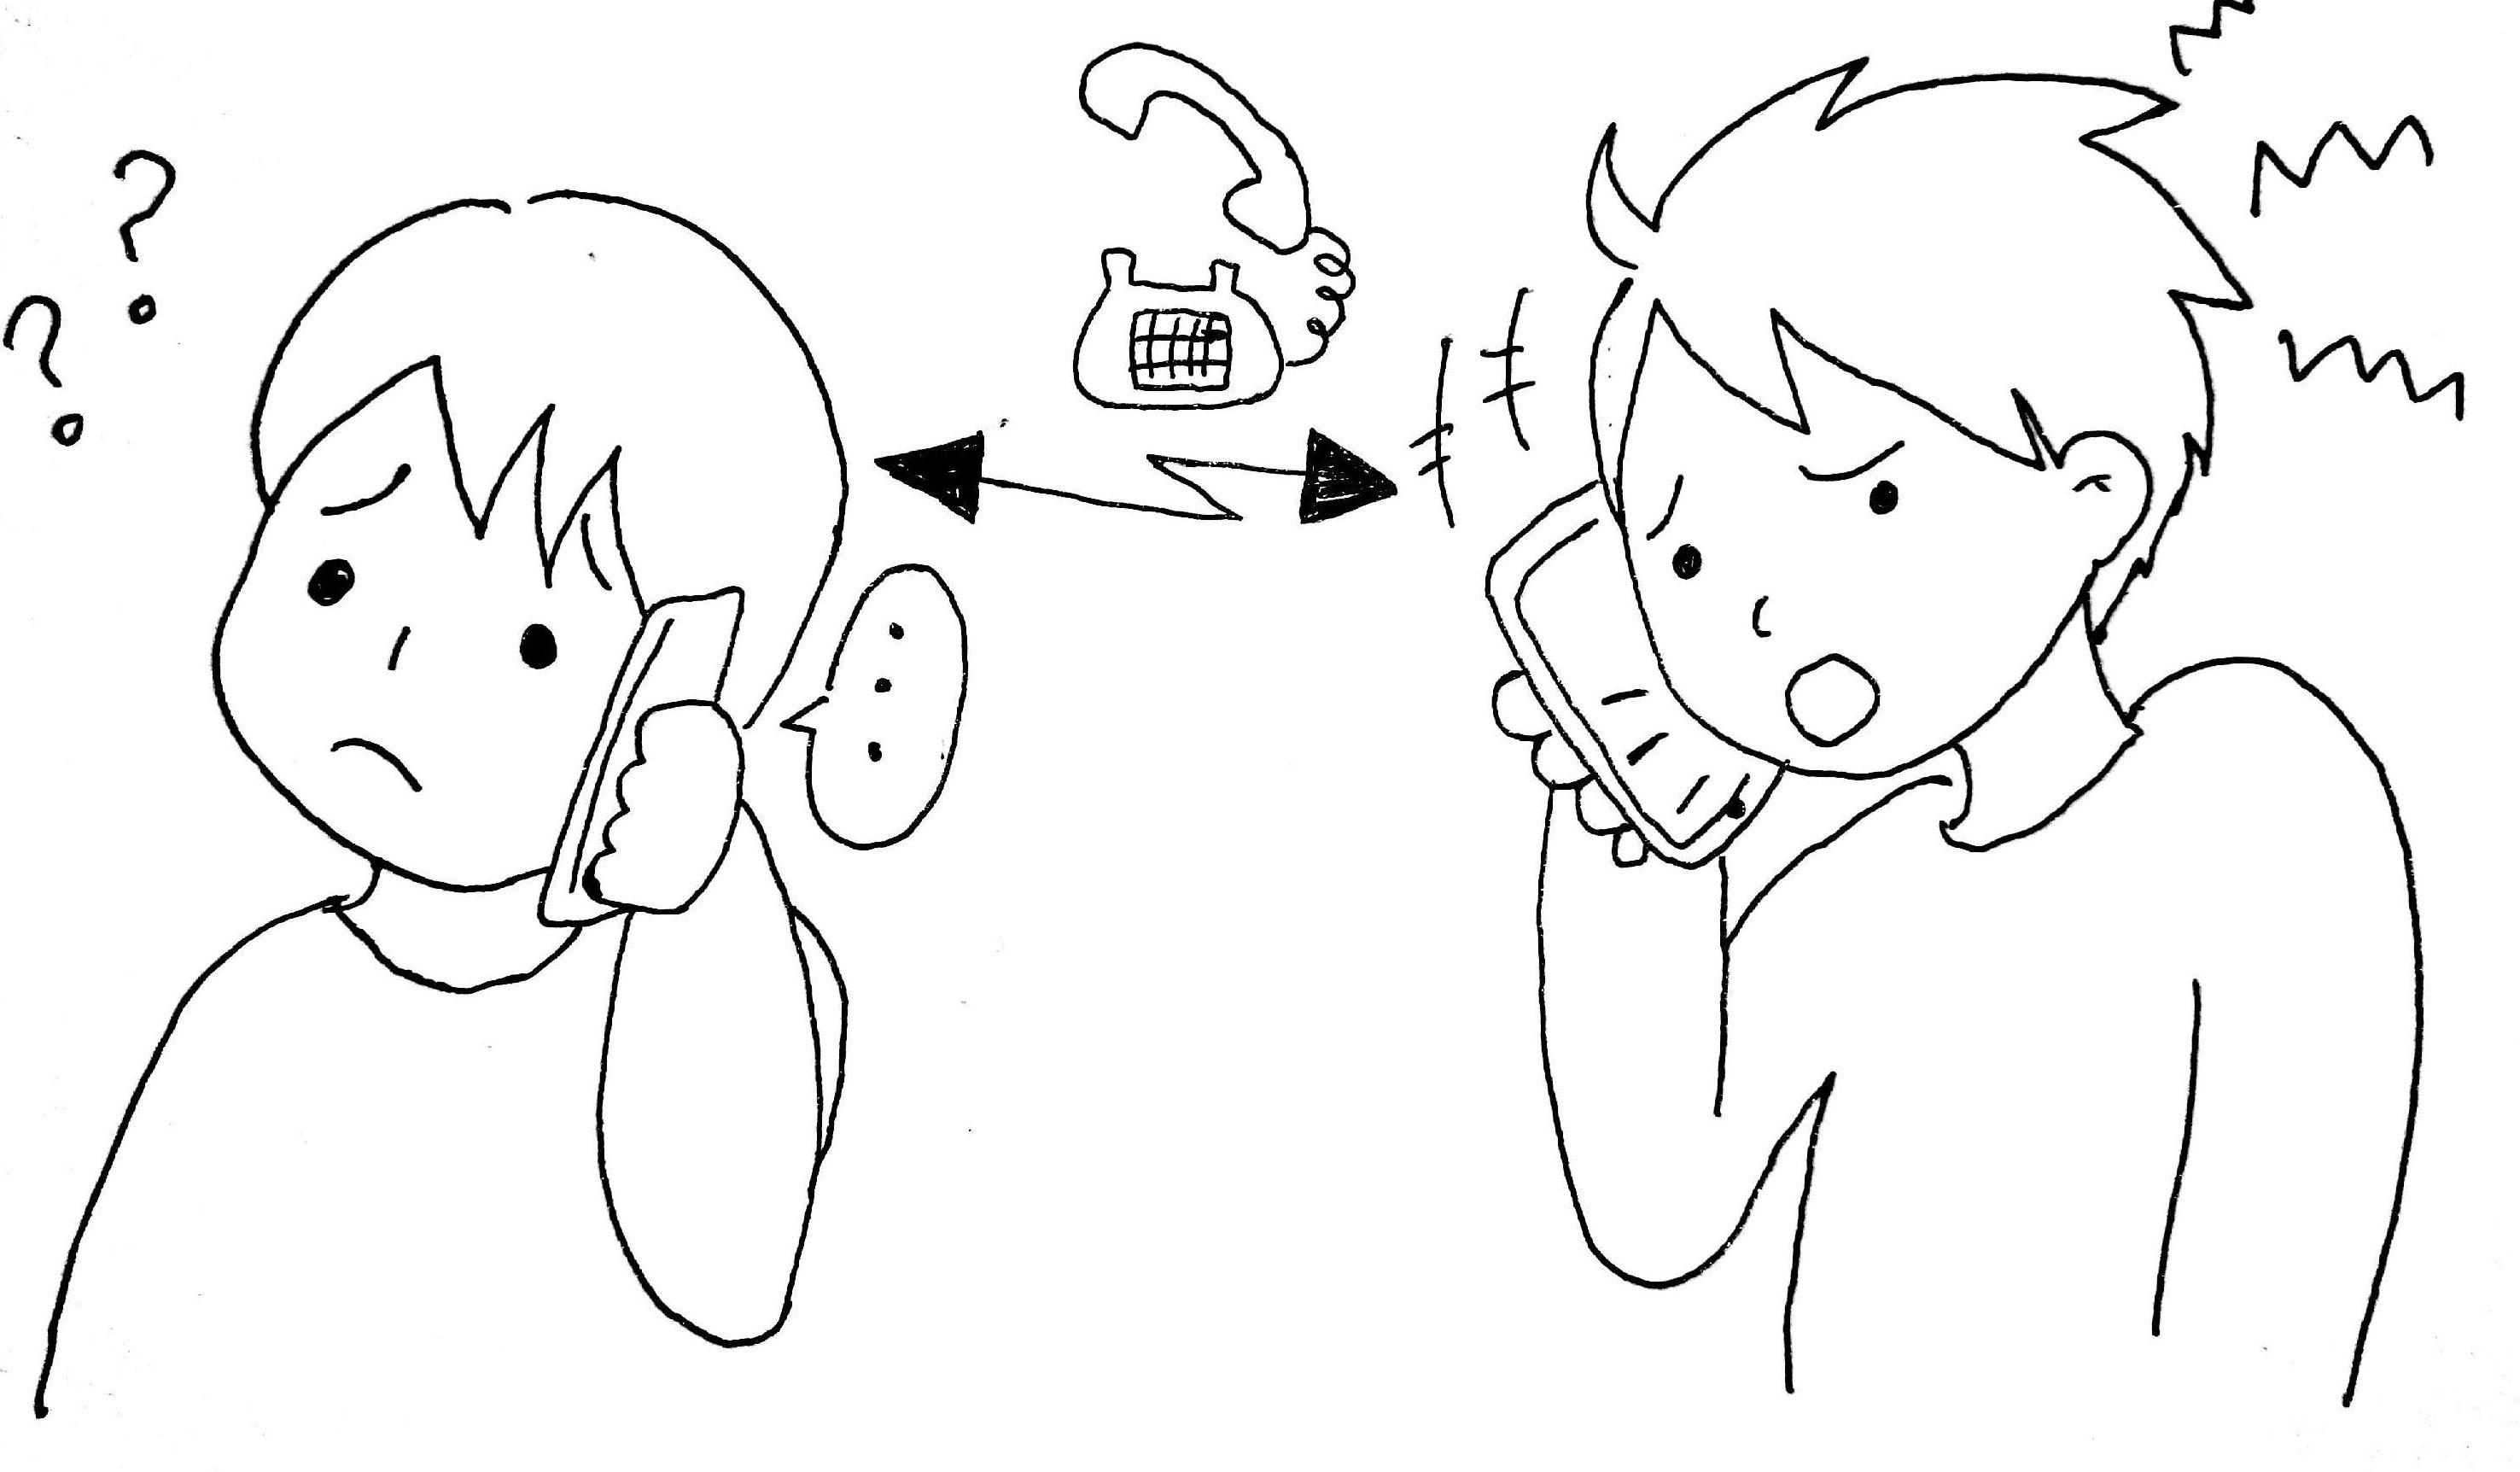 【通話の不具合】自分の声が相手に届かない不具合!効果的な対処法を紹介!【android】